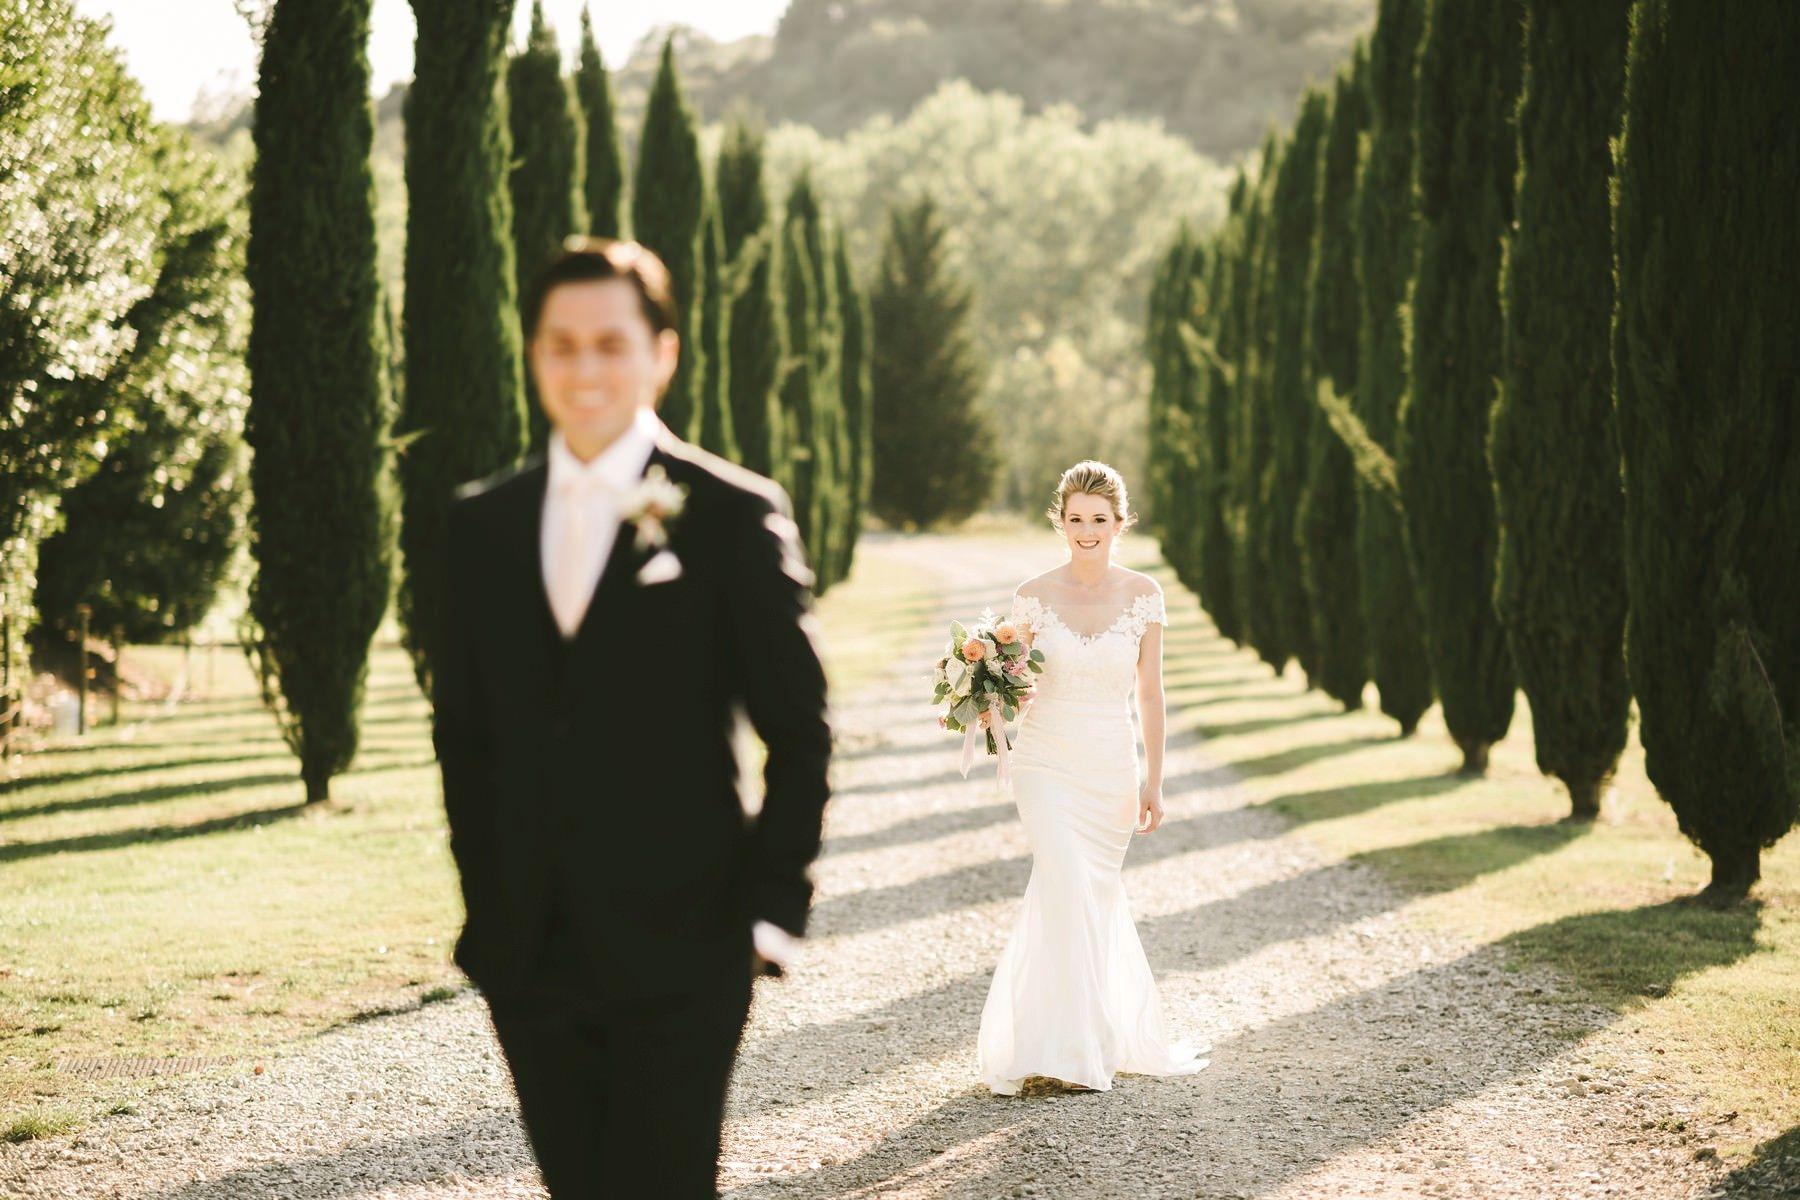 A Wonderful Elopement In Italy Wedding For Two At Villa La Selva Wine Resort Nel 2020 Con Immagini